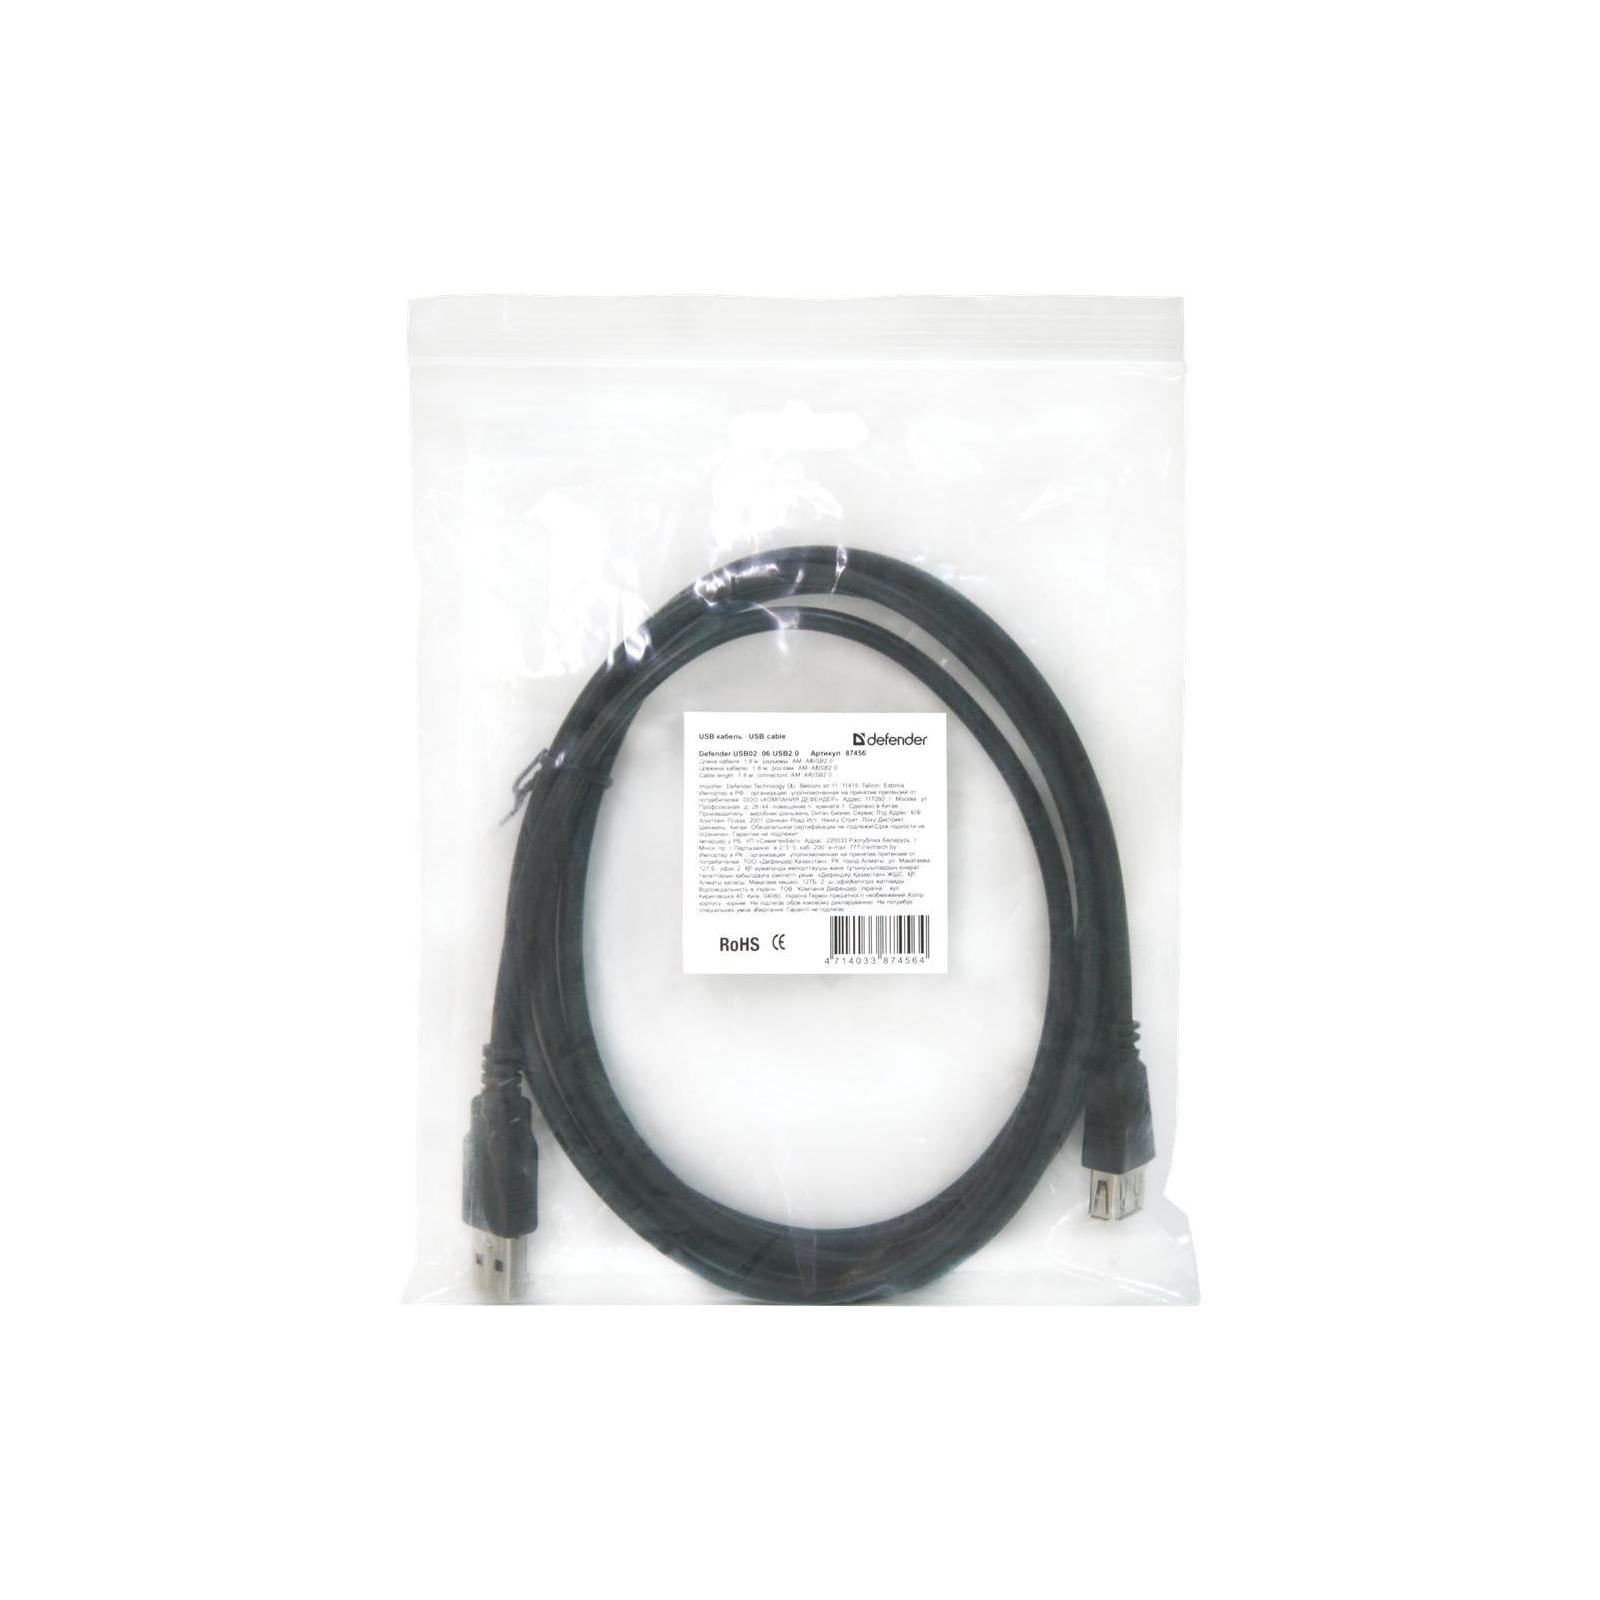 Дата кабель USB 2.0 AM/AF 3m Defender (87453) изображение 3